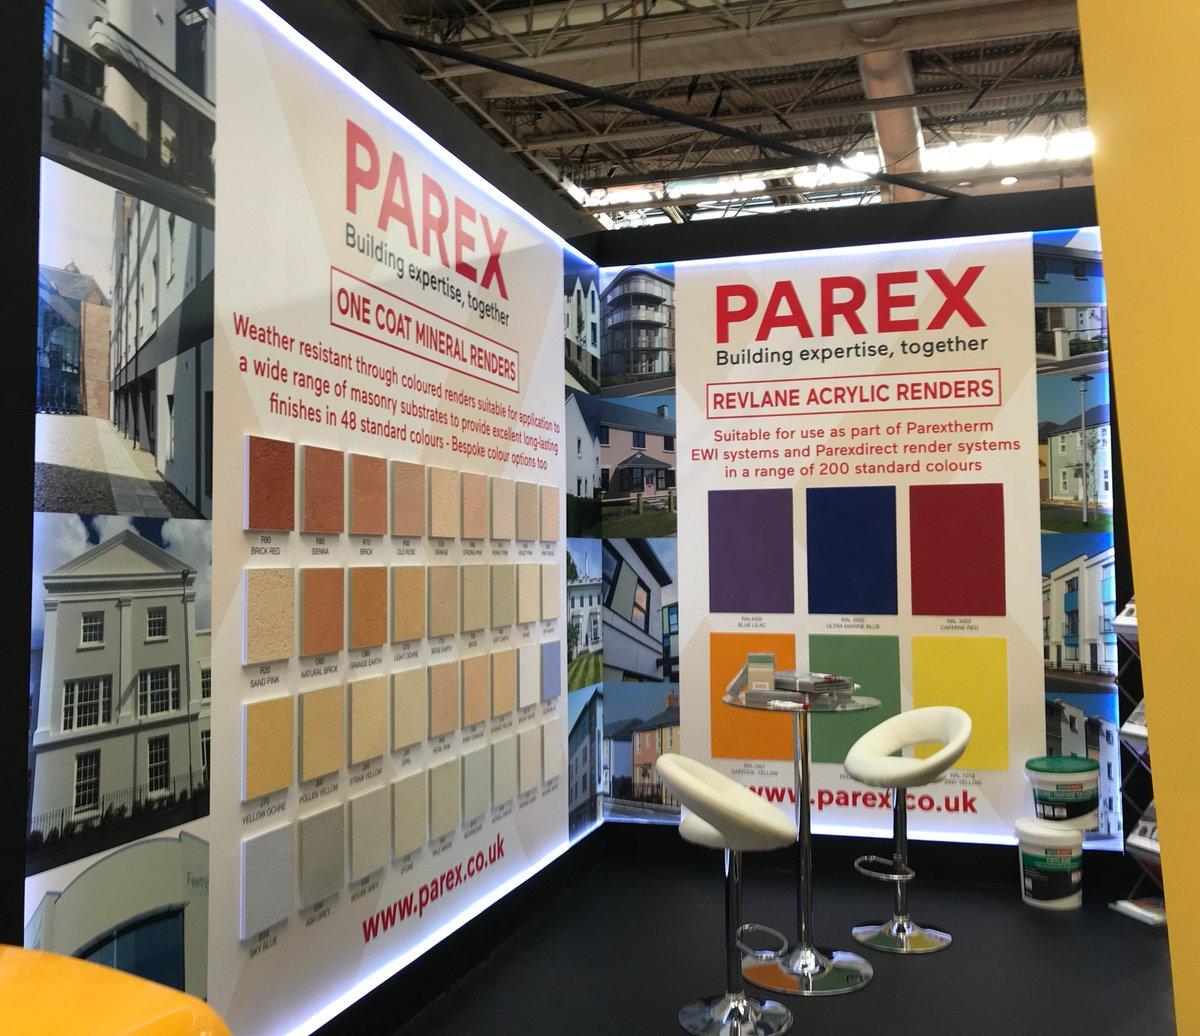 Parex UK on Twitter: